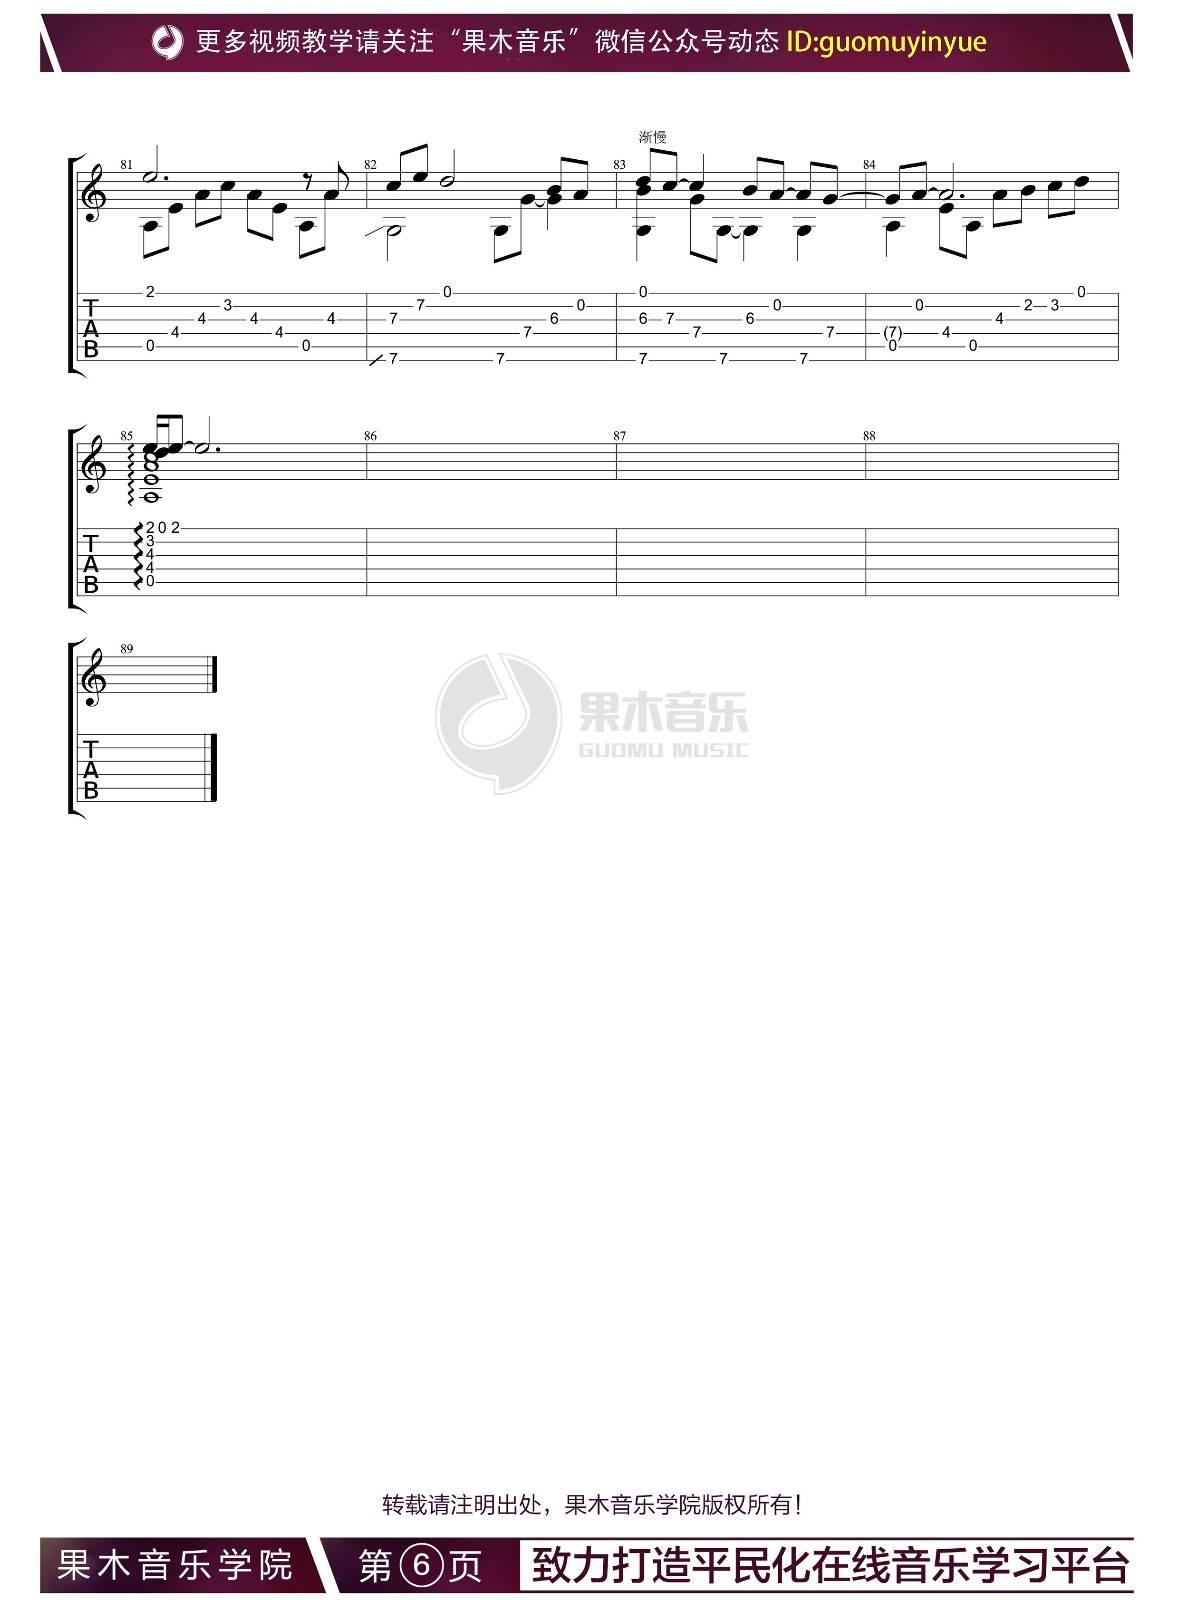 吉他派《一生所爱》吉他谱果木音乐-6